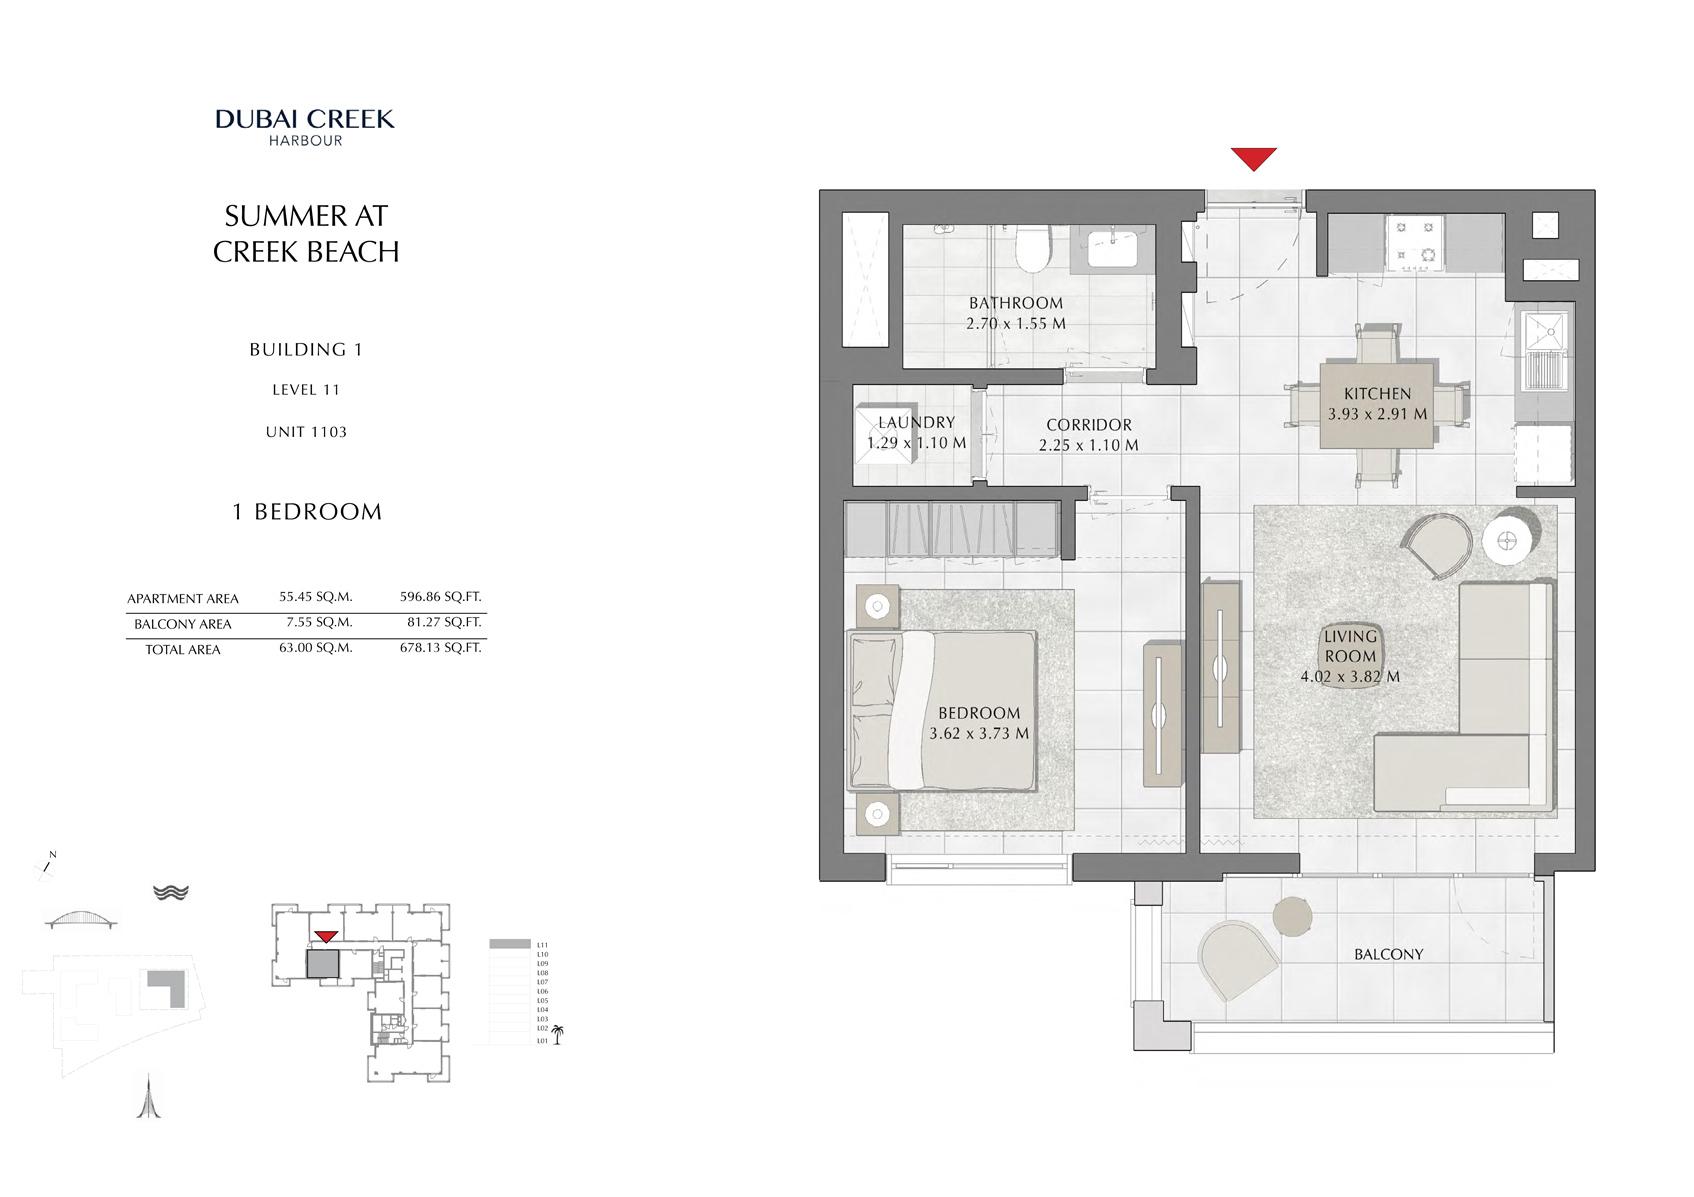 1 Br Building 1 Level 11 Unit 1103, Sq Ft 678